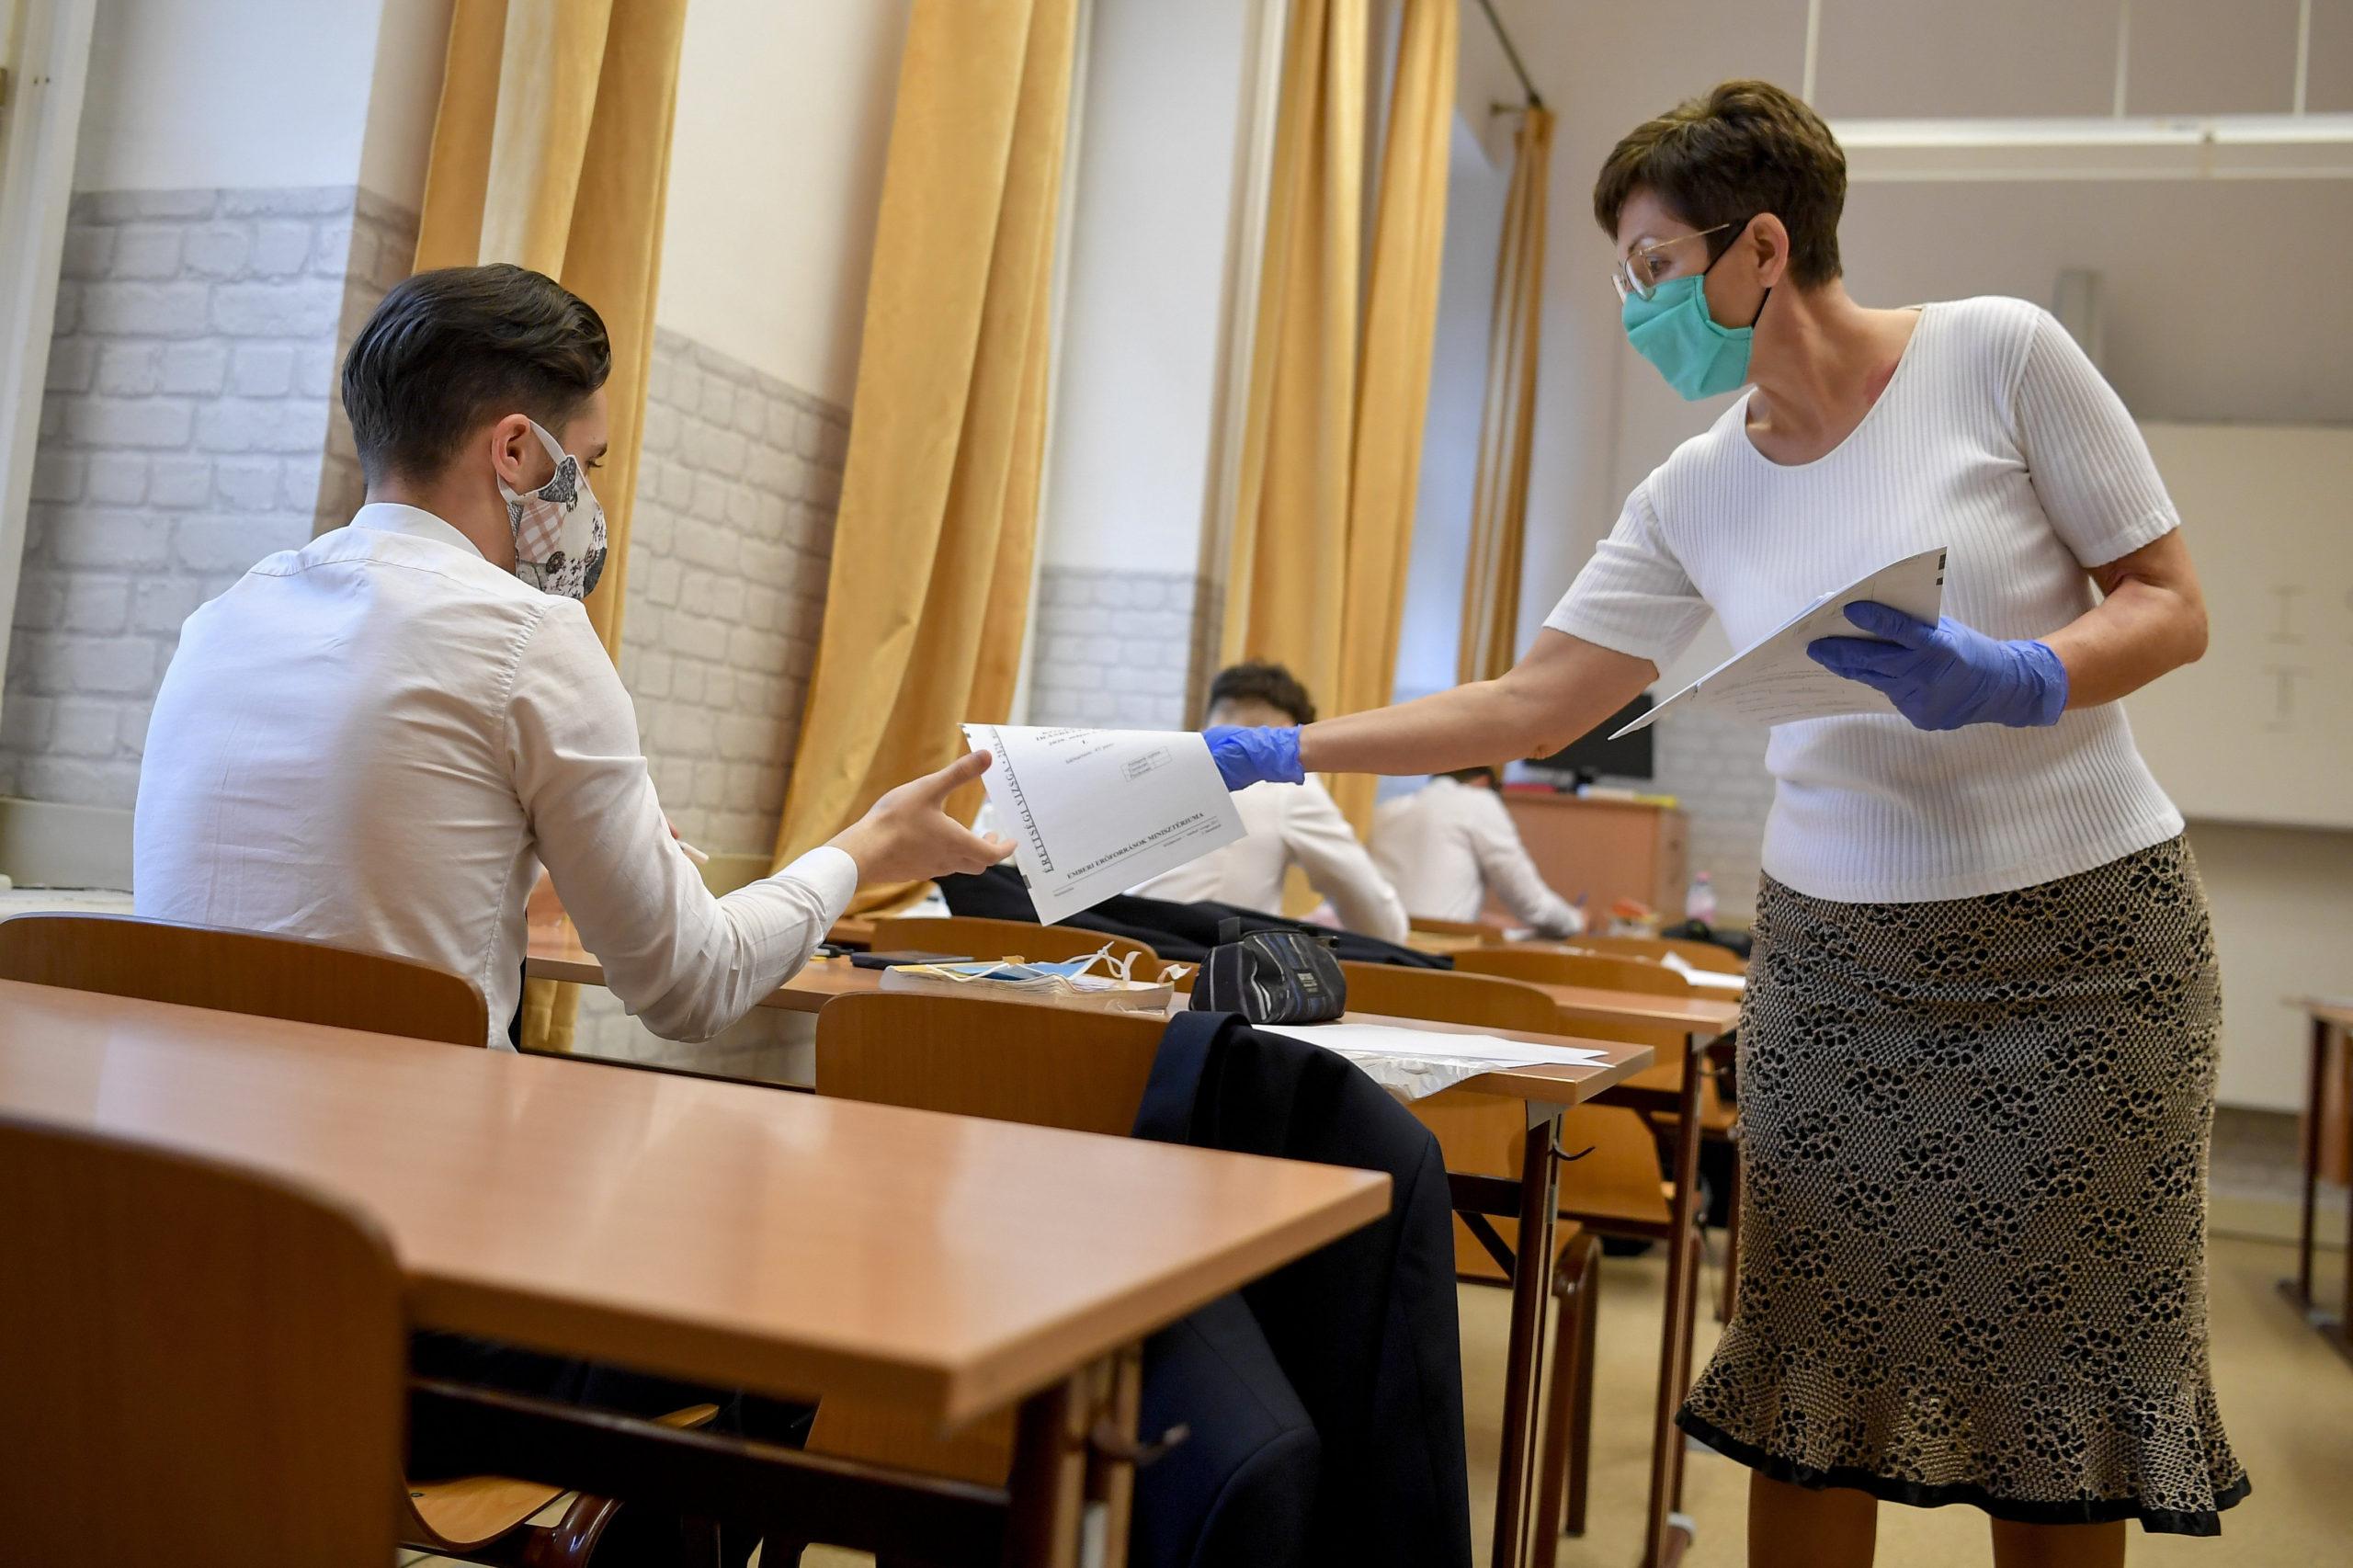 Ma reggel - a járványügyi szabályok betartásával - országszerte megkezdődnek az írásbeli érettségi vizsgák.